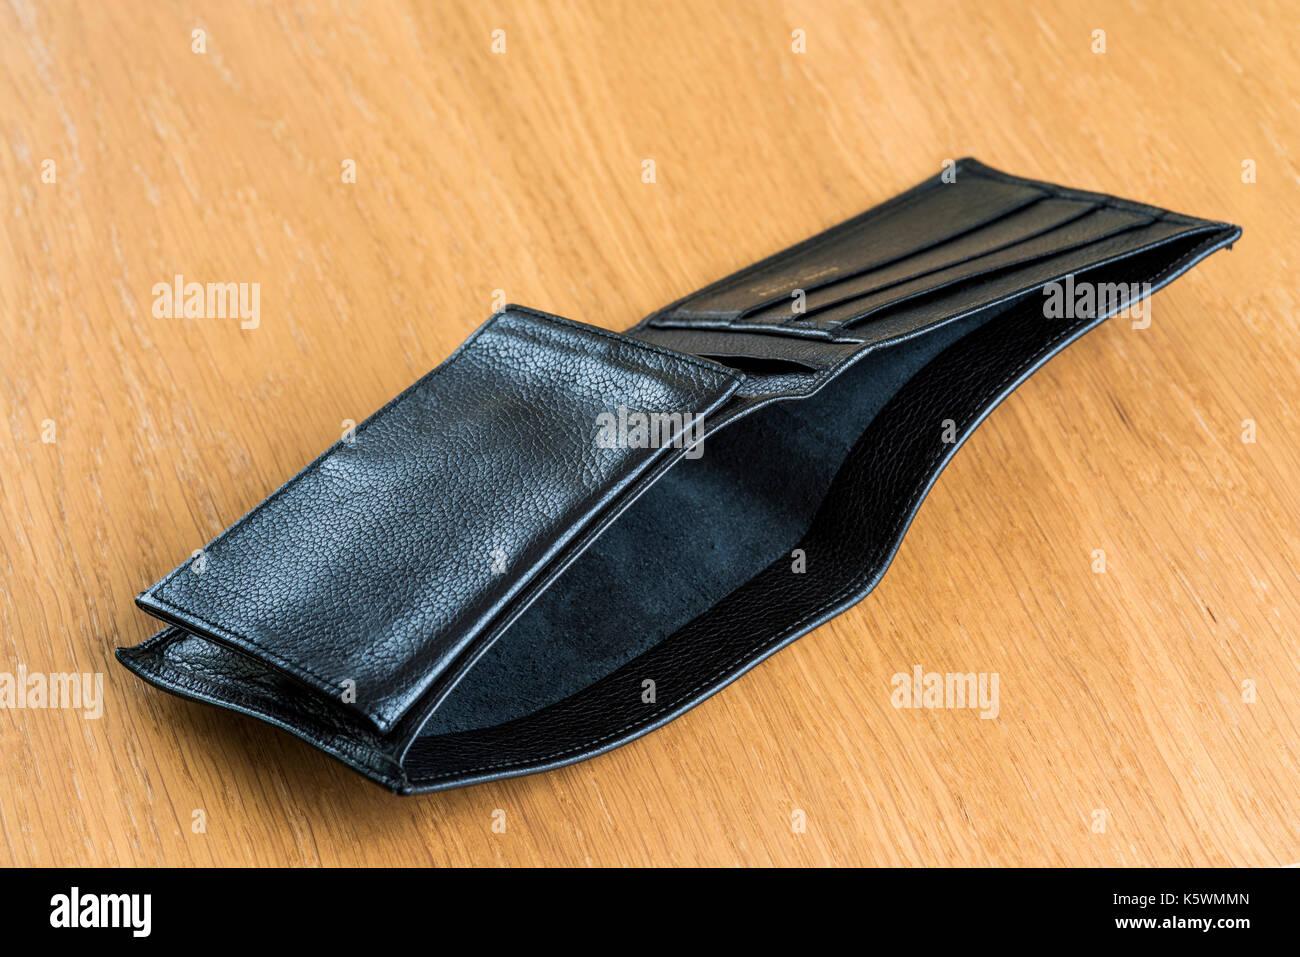 Portefeuille en cuir vide ouvert pose sur une table. La faillite, sans emploi, finances. Photo Stock